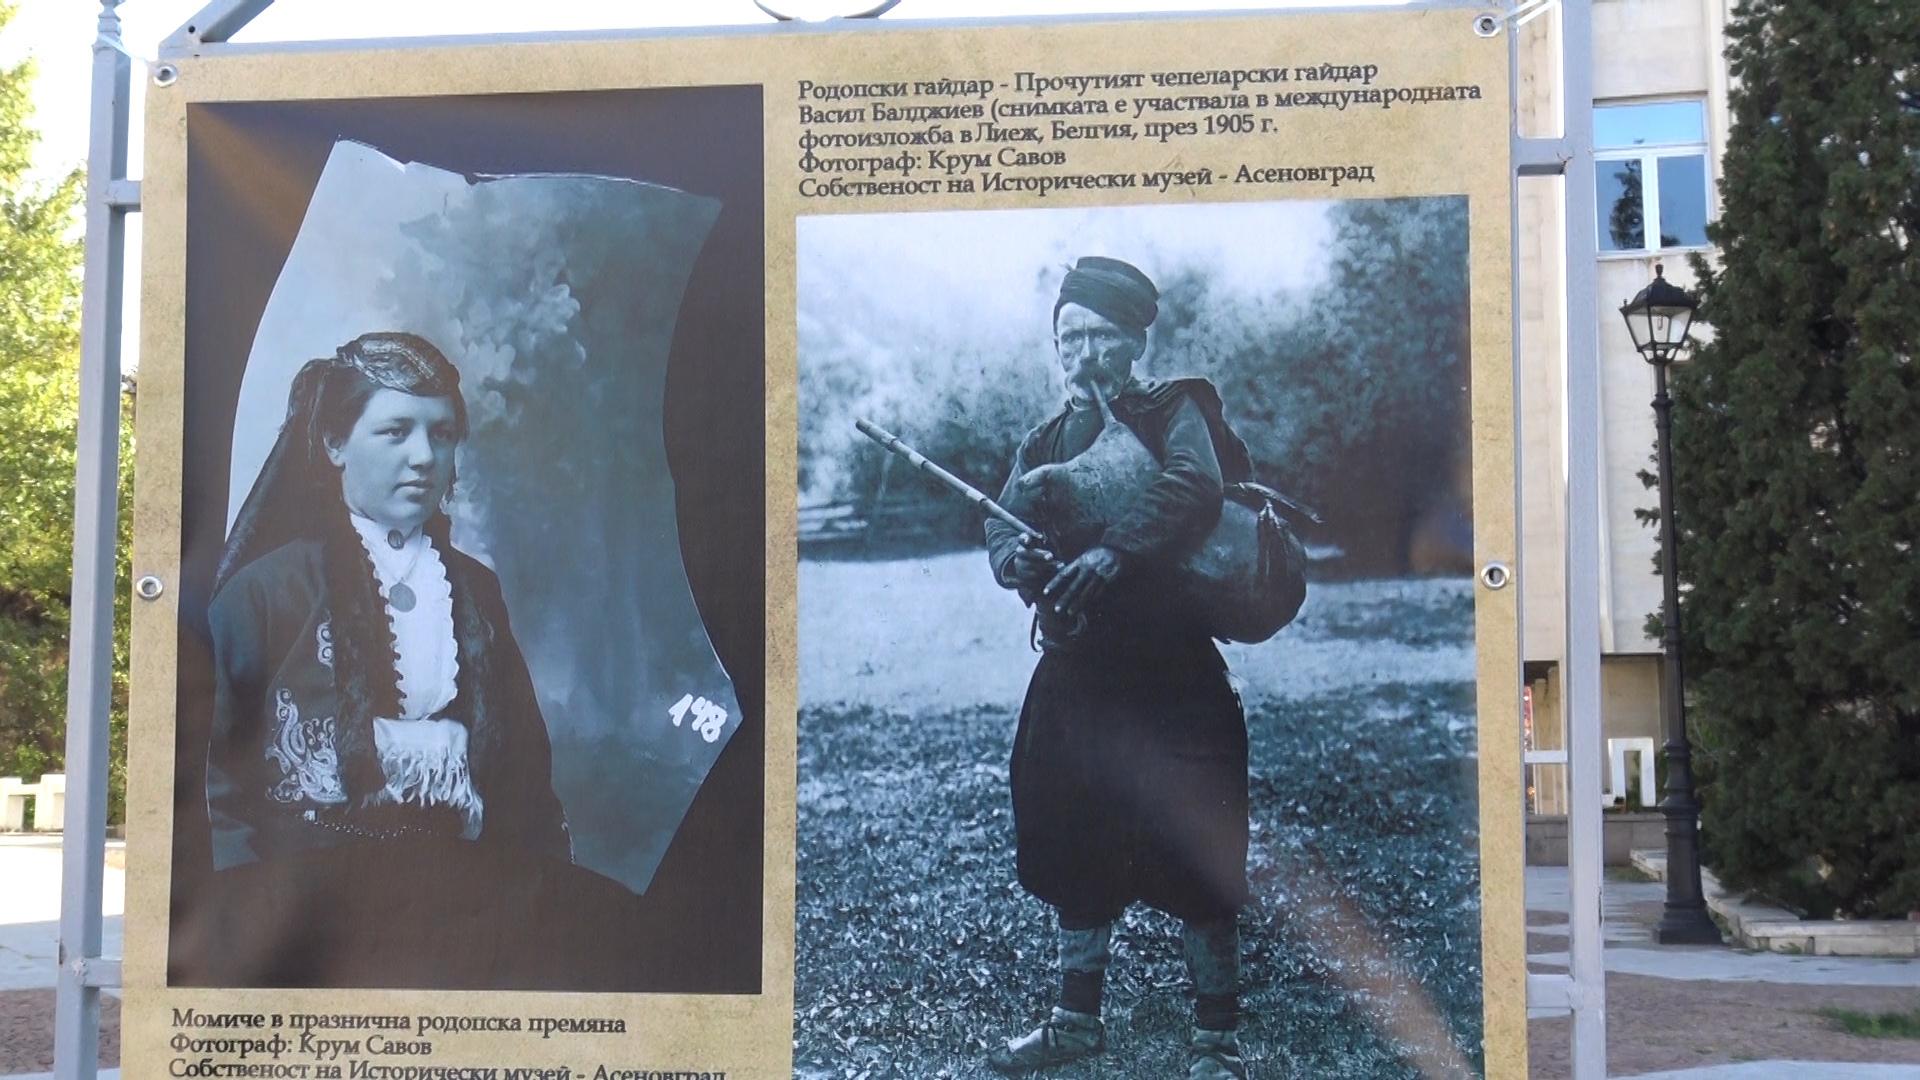 """По повод Деня на будителите тази година Асеновград почете своя съгражданин с паметна плоча на къщата, в която не само е живял и работил, но и създал и движил земляческо сдружение """"Родопска културна дружба """"Рожен"""" . Неговите снимки илюстрират сп. """"Родопски напредък"""", издавано през 1903 година, сами по себе си са теми на броя, а за да бъдат отпечатани, плаките му са изпращани за обработка в Прага. Крум Савов не снима само в Родопите, той обикаля и запечатва мигове от Копривщица, Клисура, Карлово, Казанлък, Беломорието. В изложбата, подредена пред градската библиотека в Асеновград има и част от забележителните му фотографии, отличени на Международното изложение в Лиеж, Белгия, през 1912 година."""